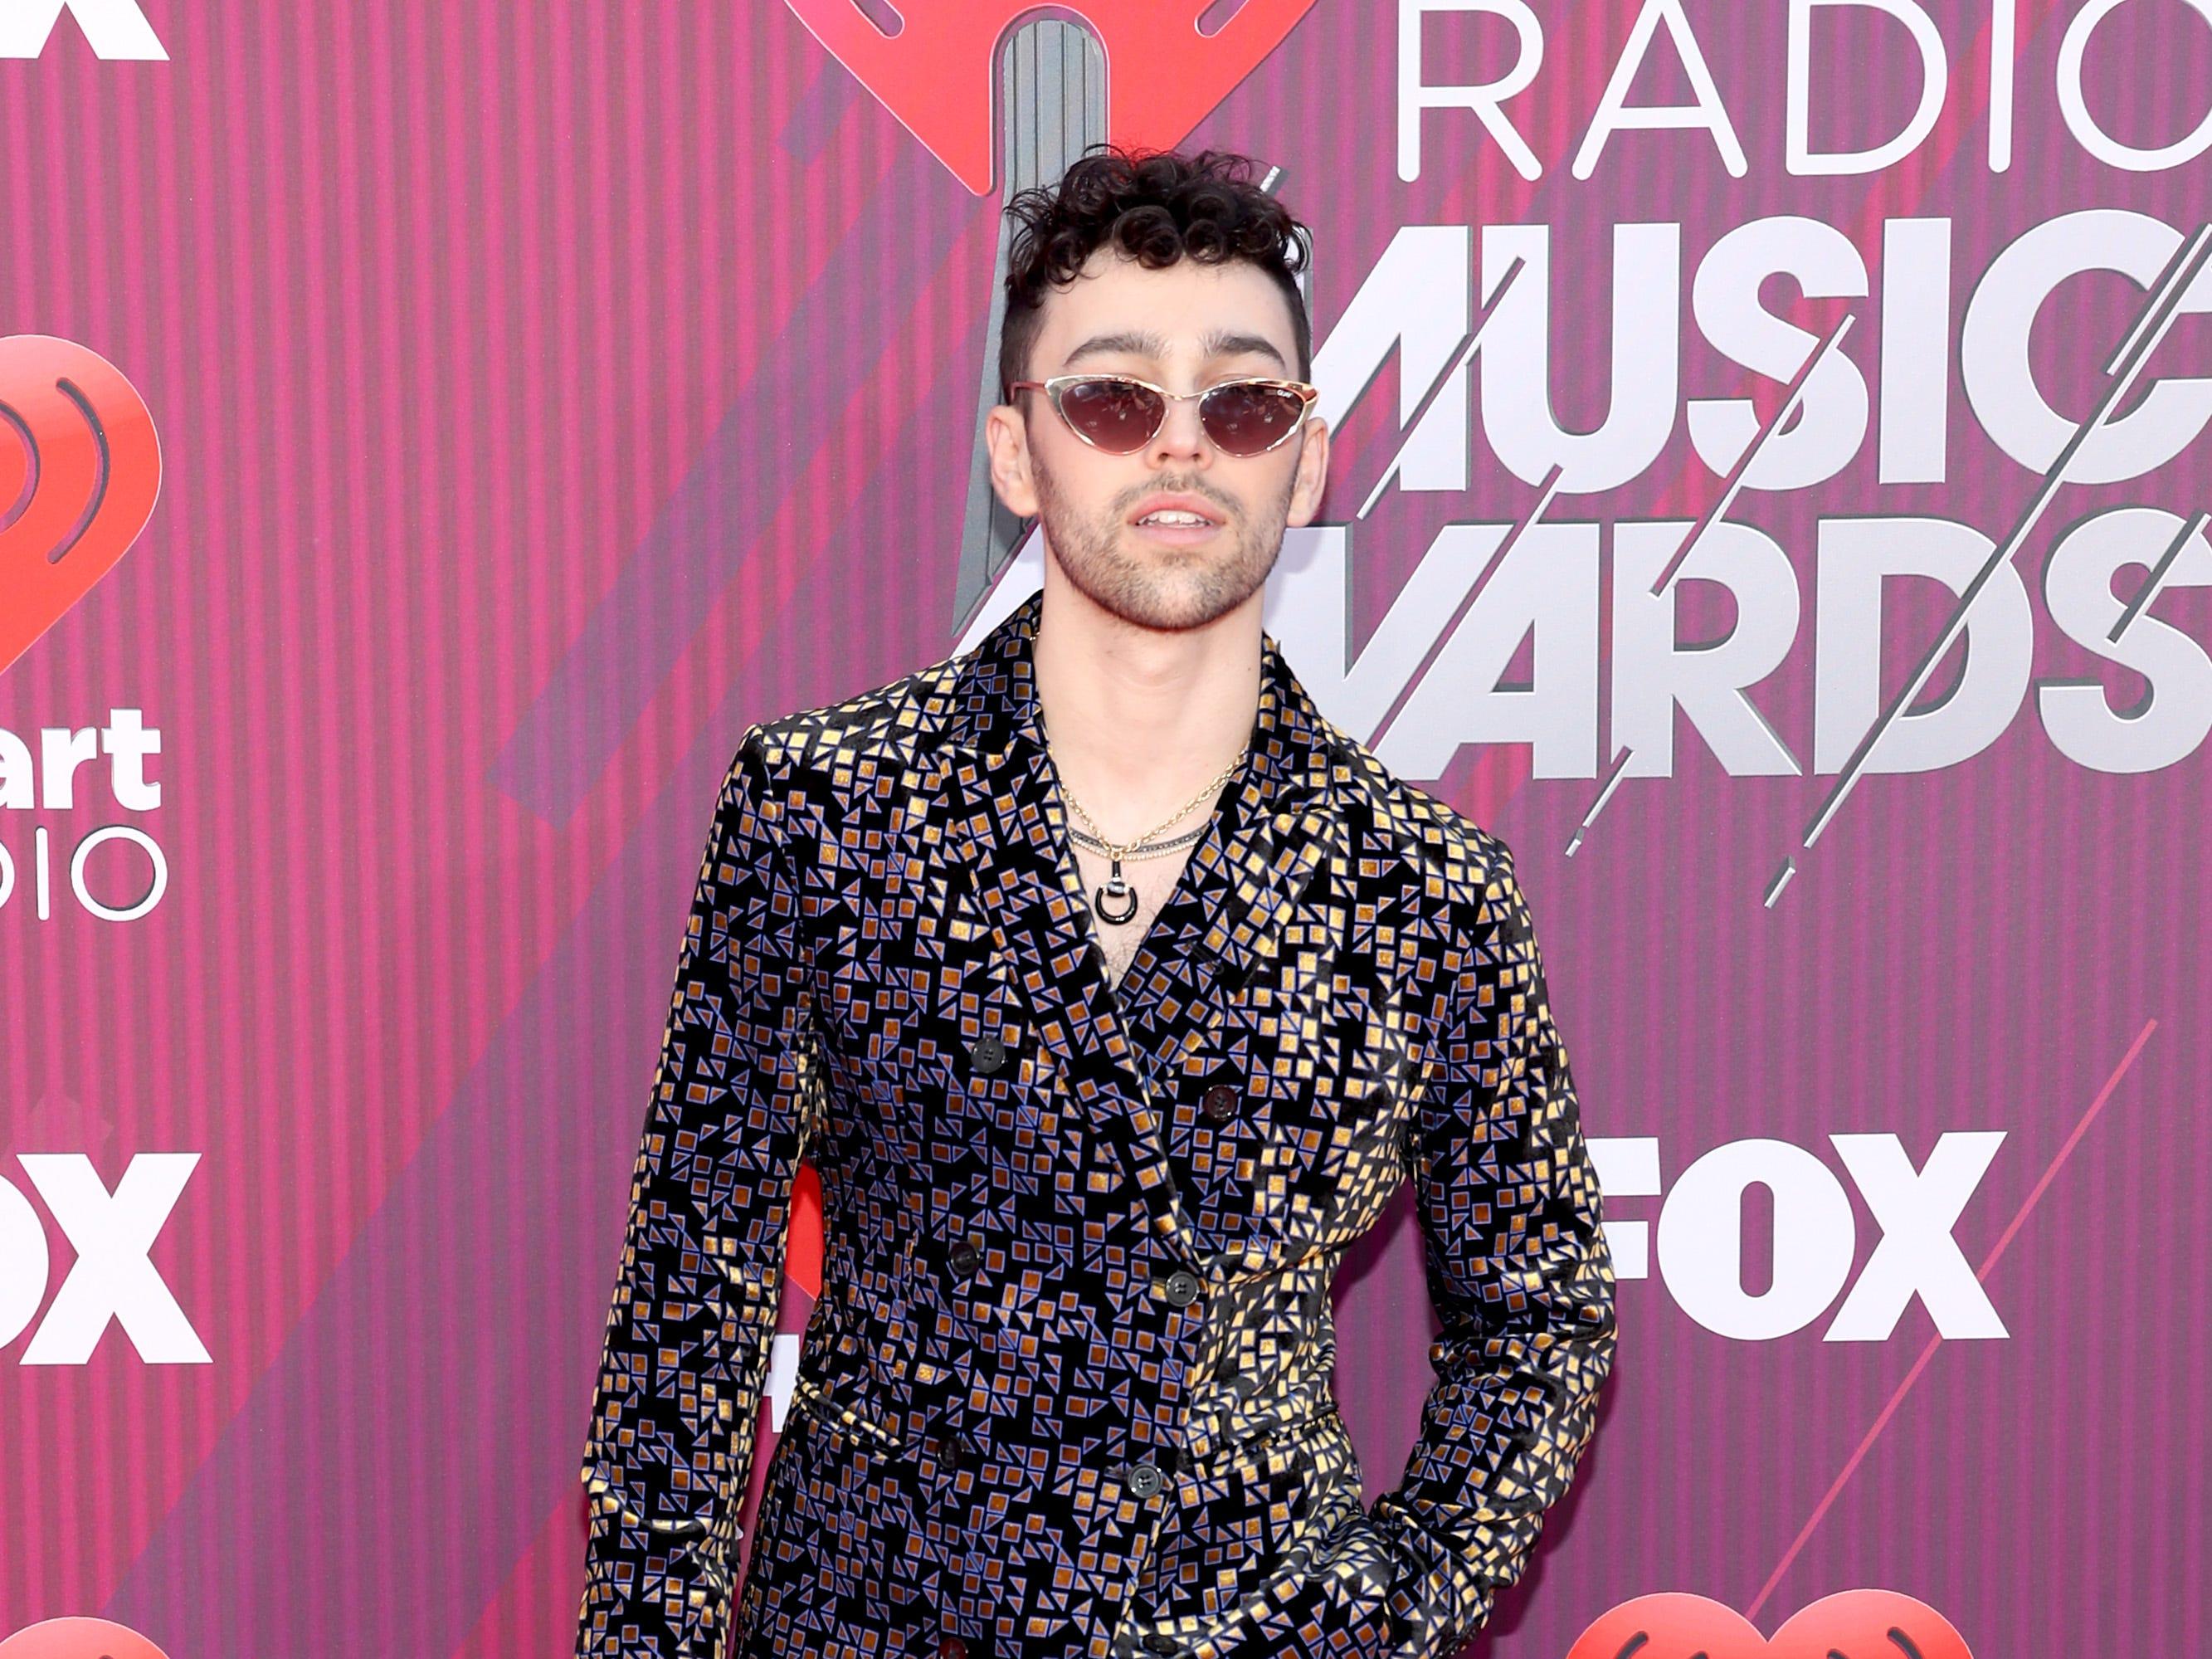 Max Schneider a su llegada a los premios iHeart Radio Music Awards en 2019 el 14 de marzo de 2019 en Los Angeles, California.